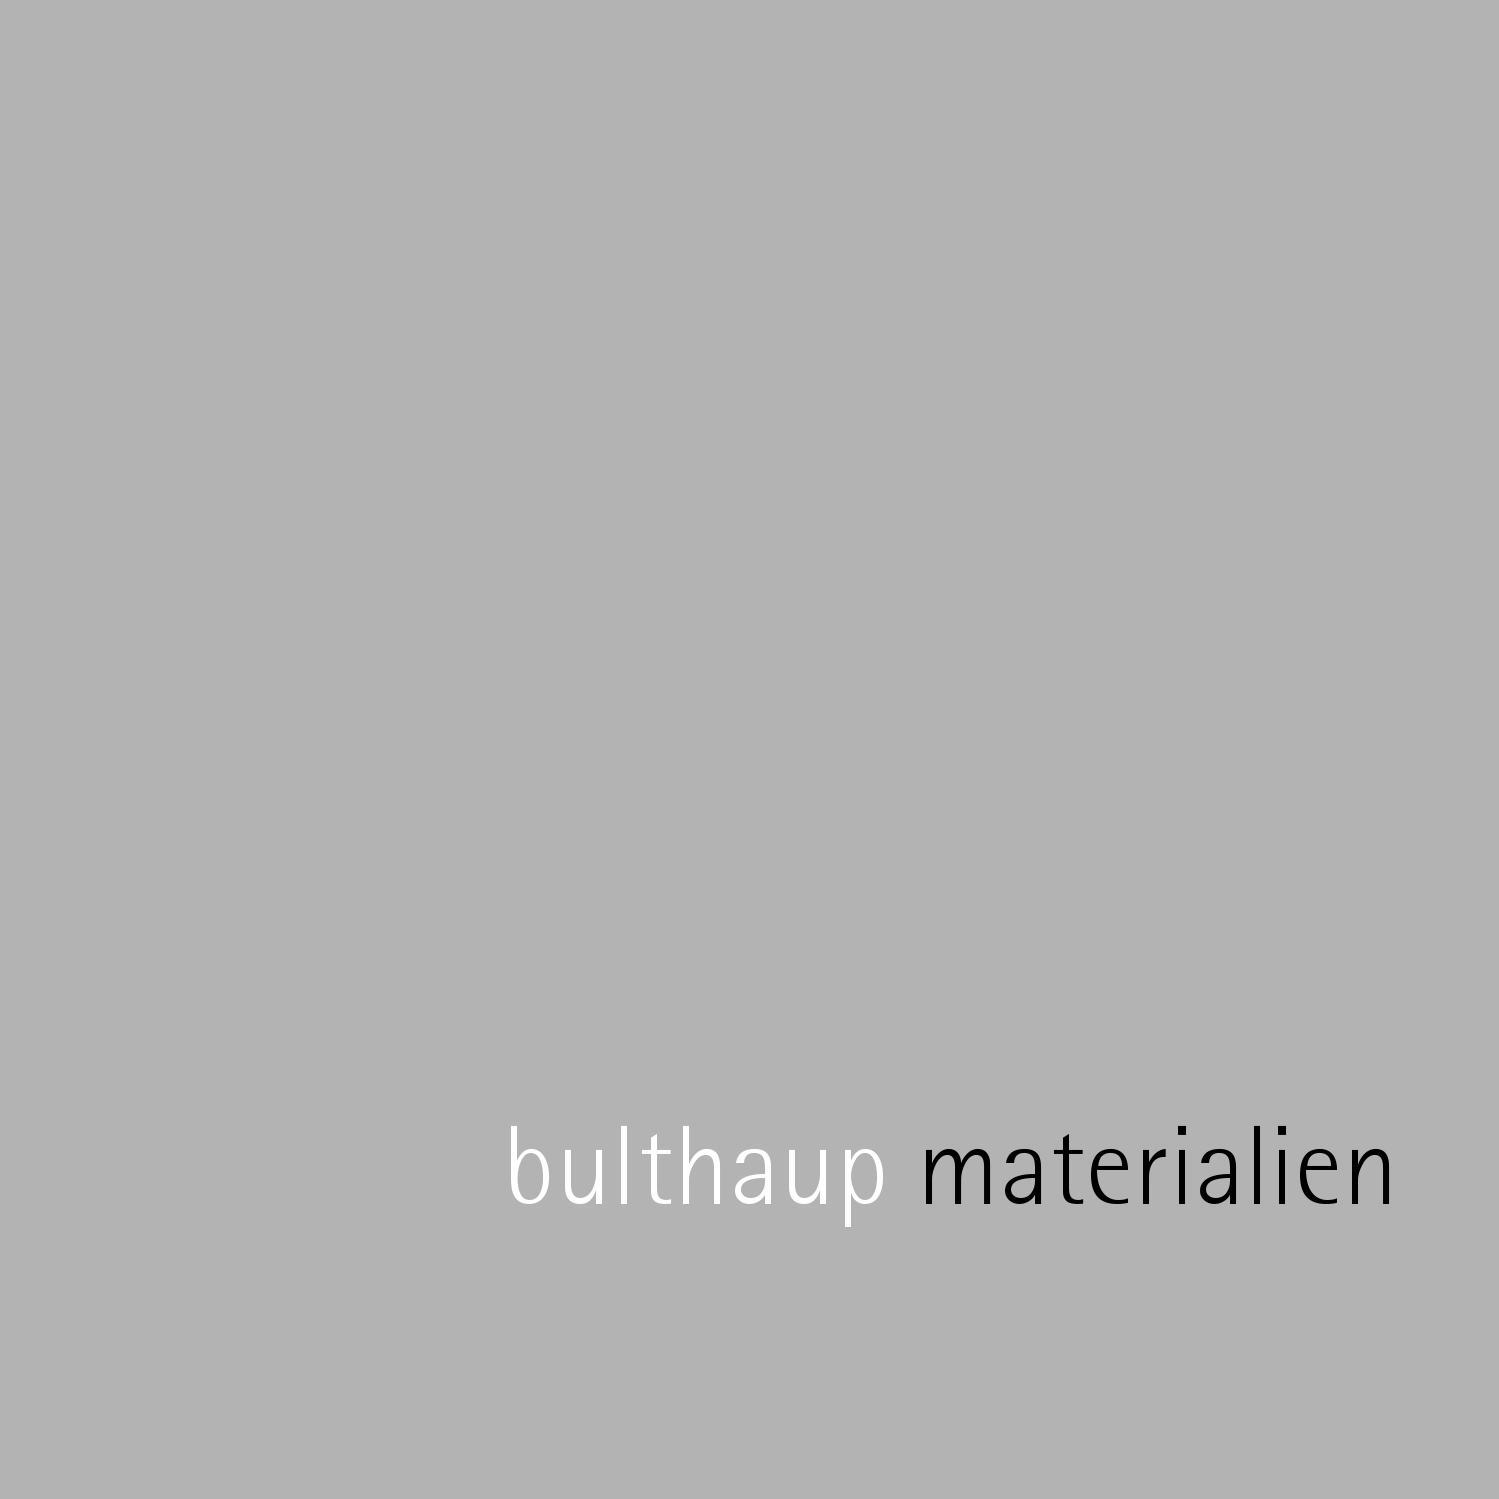 Bulthaup Materialinfobroschure By Allaboutinteriors De Issuu